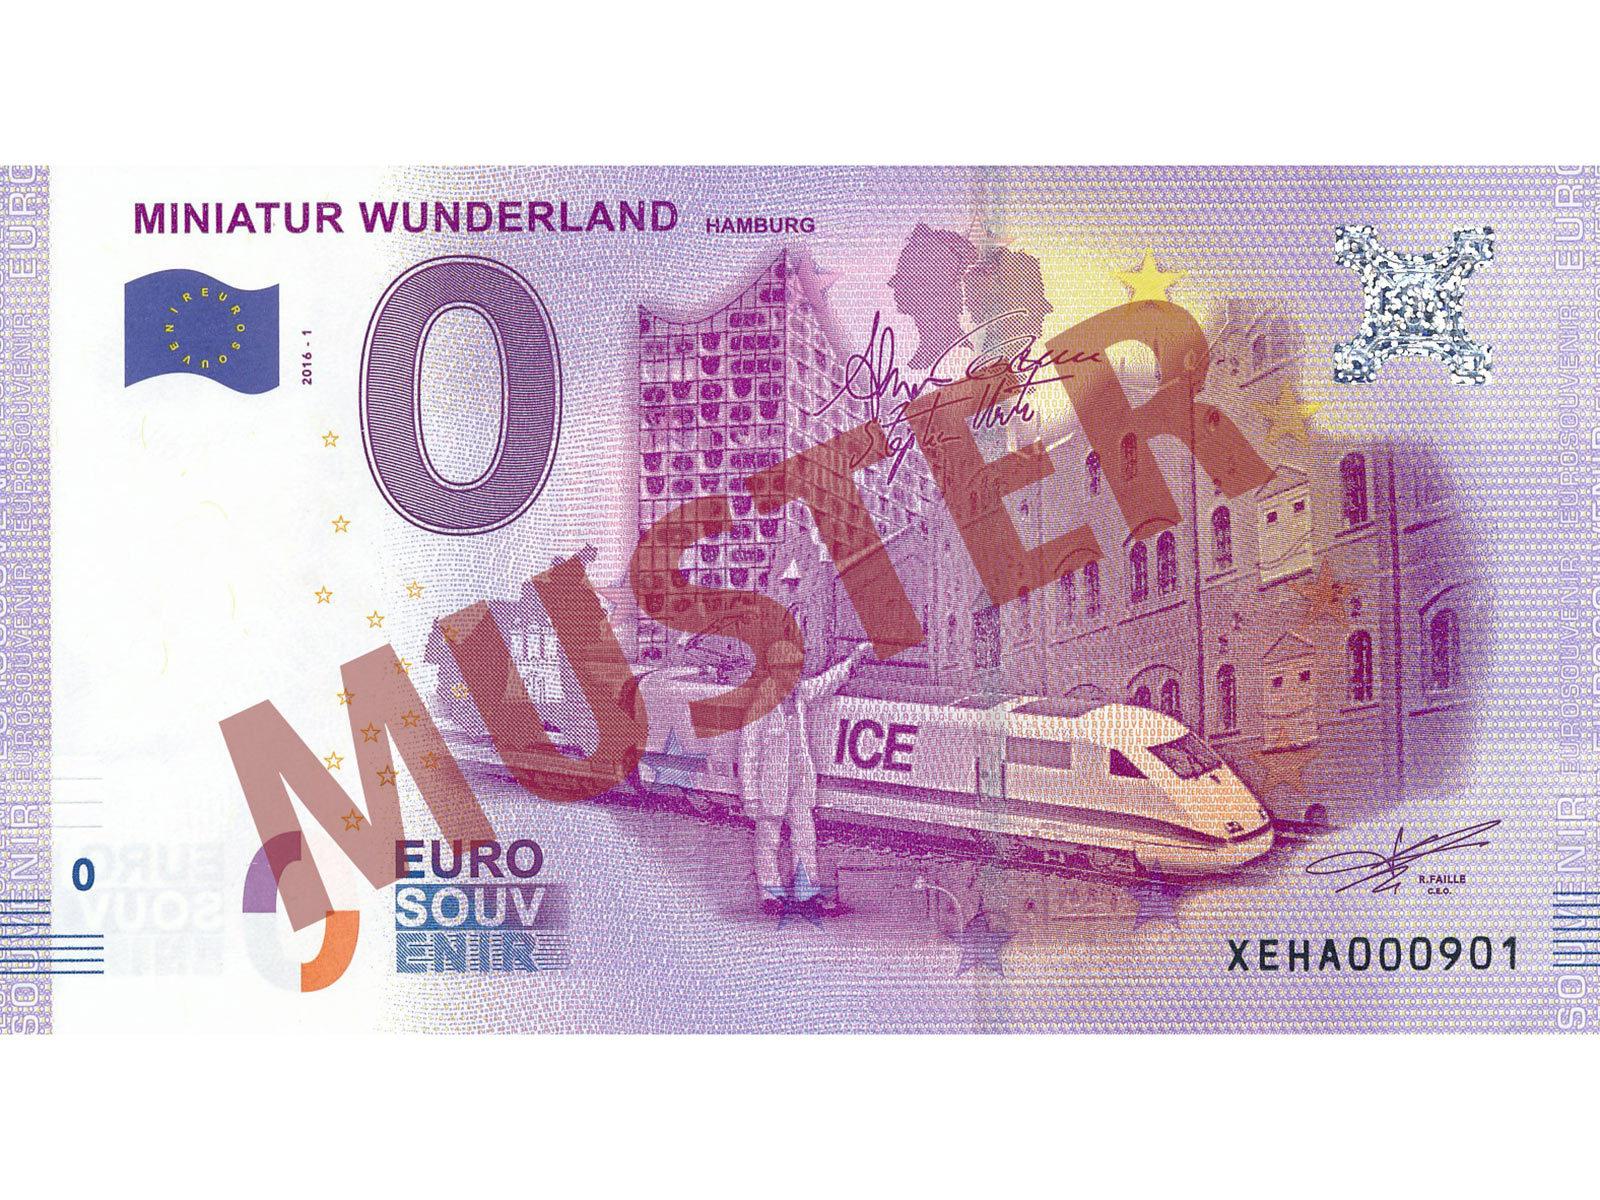 # 0 Euro Schein Deutschland 2020 /· Miniatur Wunderland Hamburg /· Flughafen /· Souvenir o Null /€ Banknote